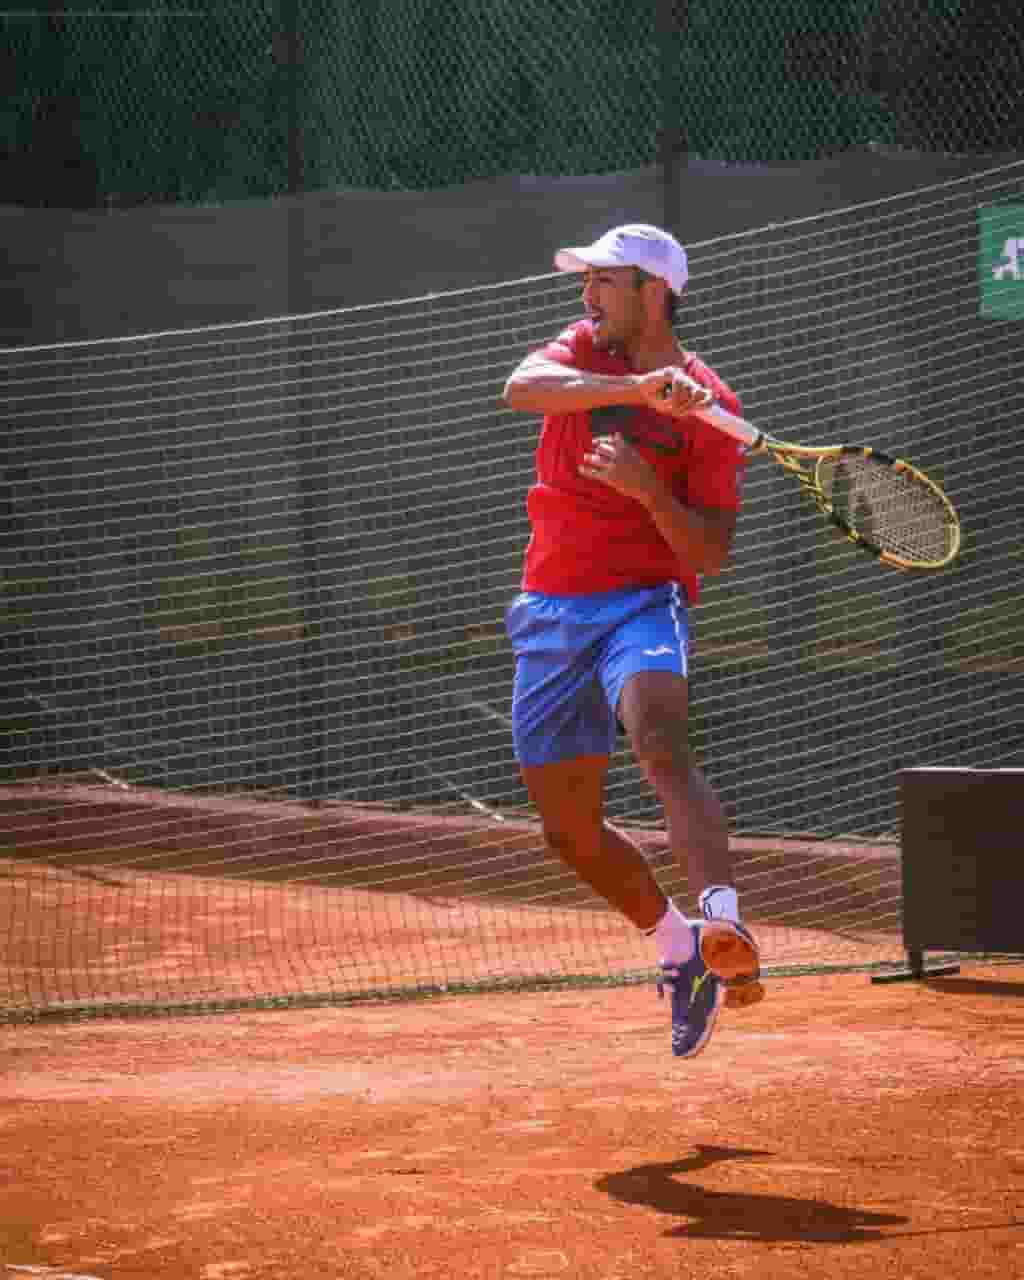 tenista Hugo Dellien en Challenger de Biella Italia